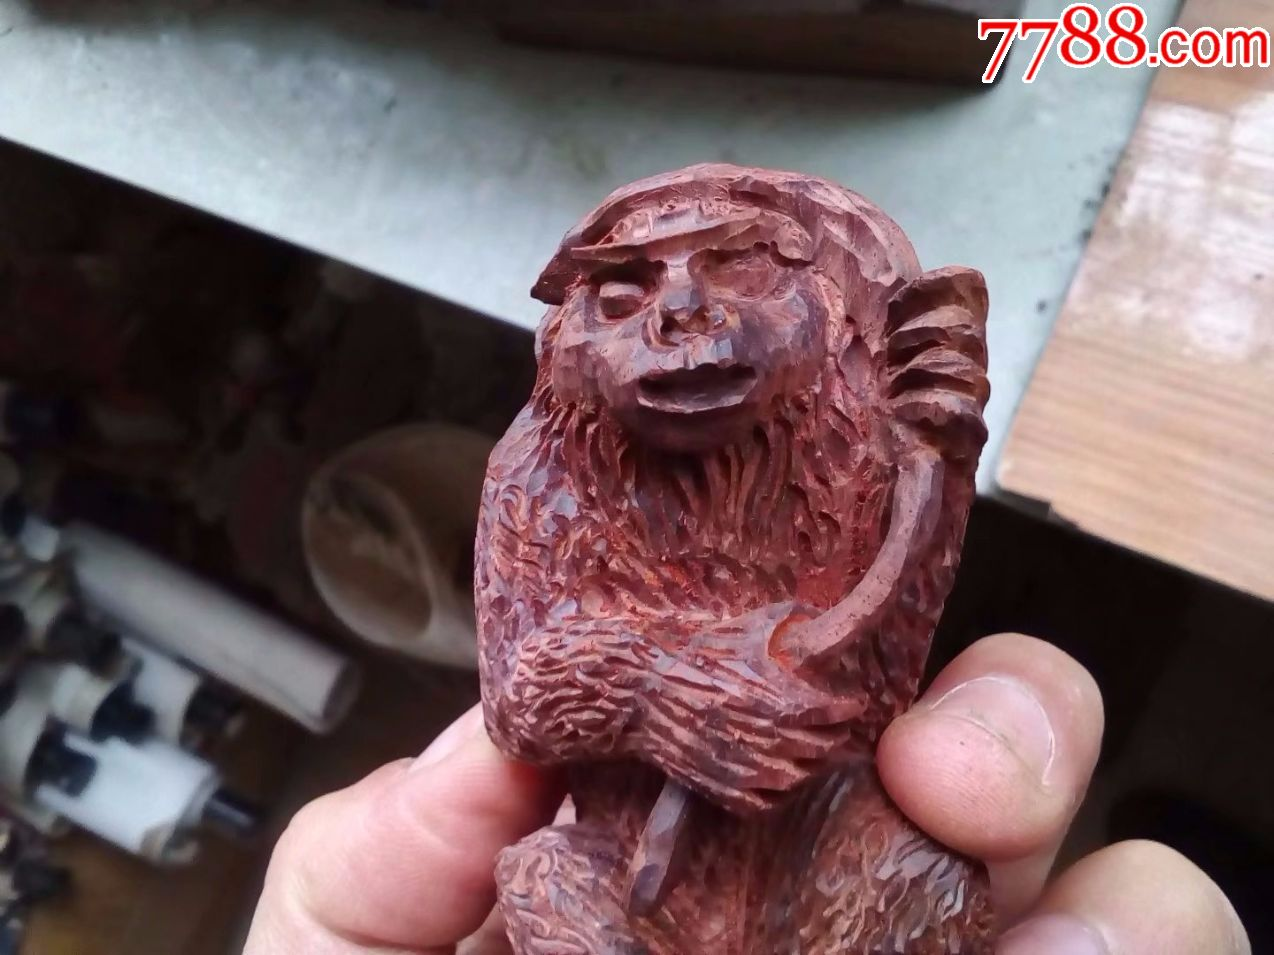 一口价,保证小叶紫檀红木,纯手工雕刻动物花鸟,猴子举